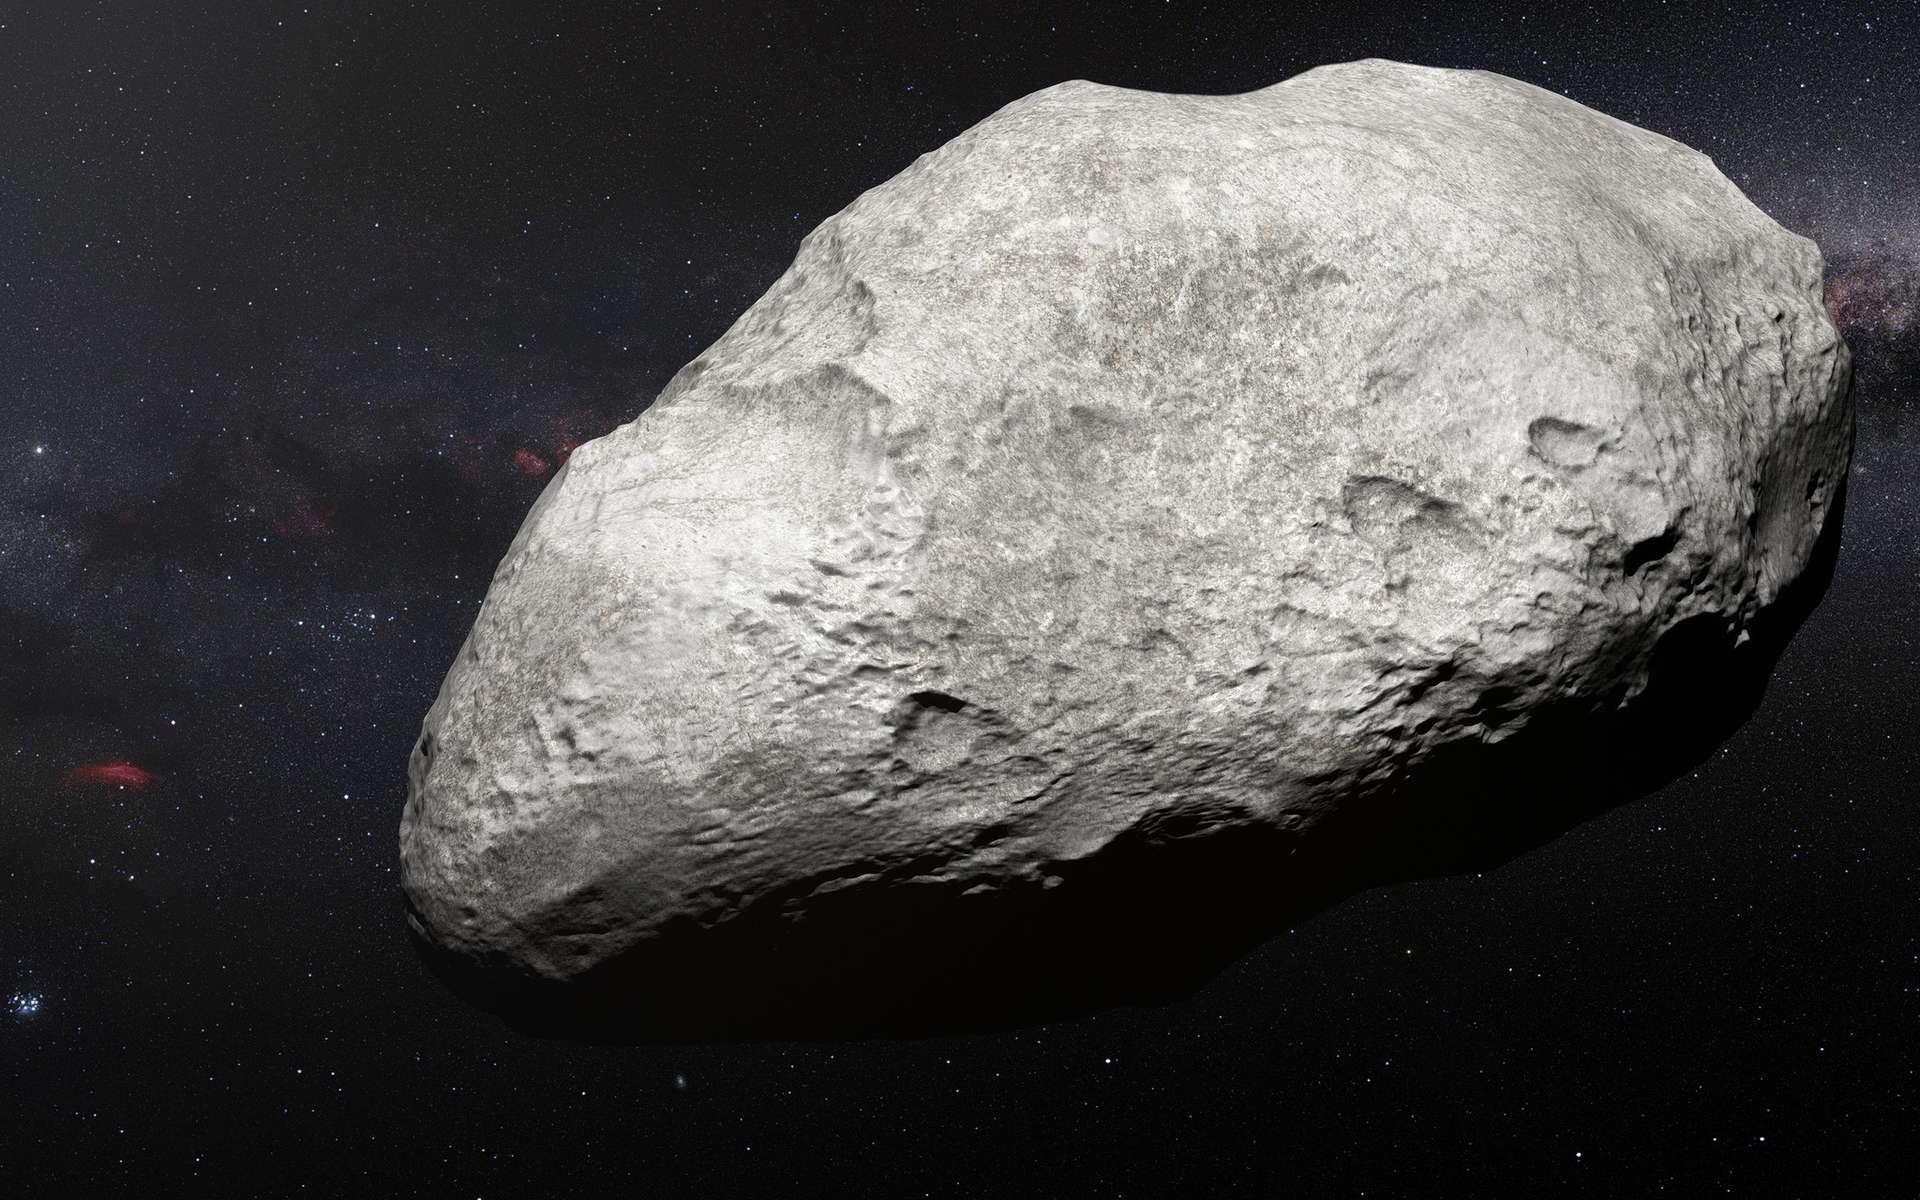 Sur cette vue d'artiste figure l'astéroïde en exil 2004 EW95, le tout premier astéroïde riche en carbone dont l'existence au sein de la ceinture de Kuiper a été confirmée et qui constitue un vestige du Système solaire primordial. Cet étrange objet s'est probablement formé dans la ceinture d'astéroïdes située entre Mars et Jupiter puis s'est déplacé sur des milliards de kilomètres jusqu'à atteindre son lieu de résidence actuel, la ceinture de Kuiper. © ESO/M. Kornmesser